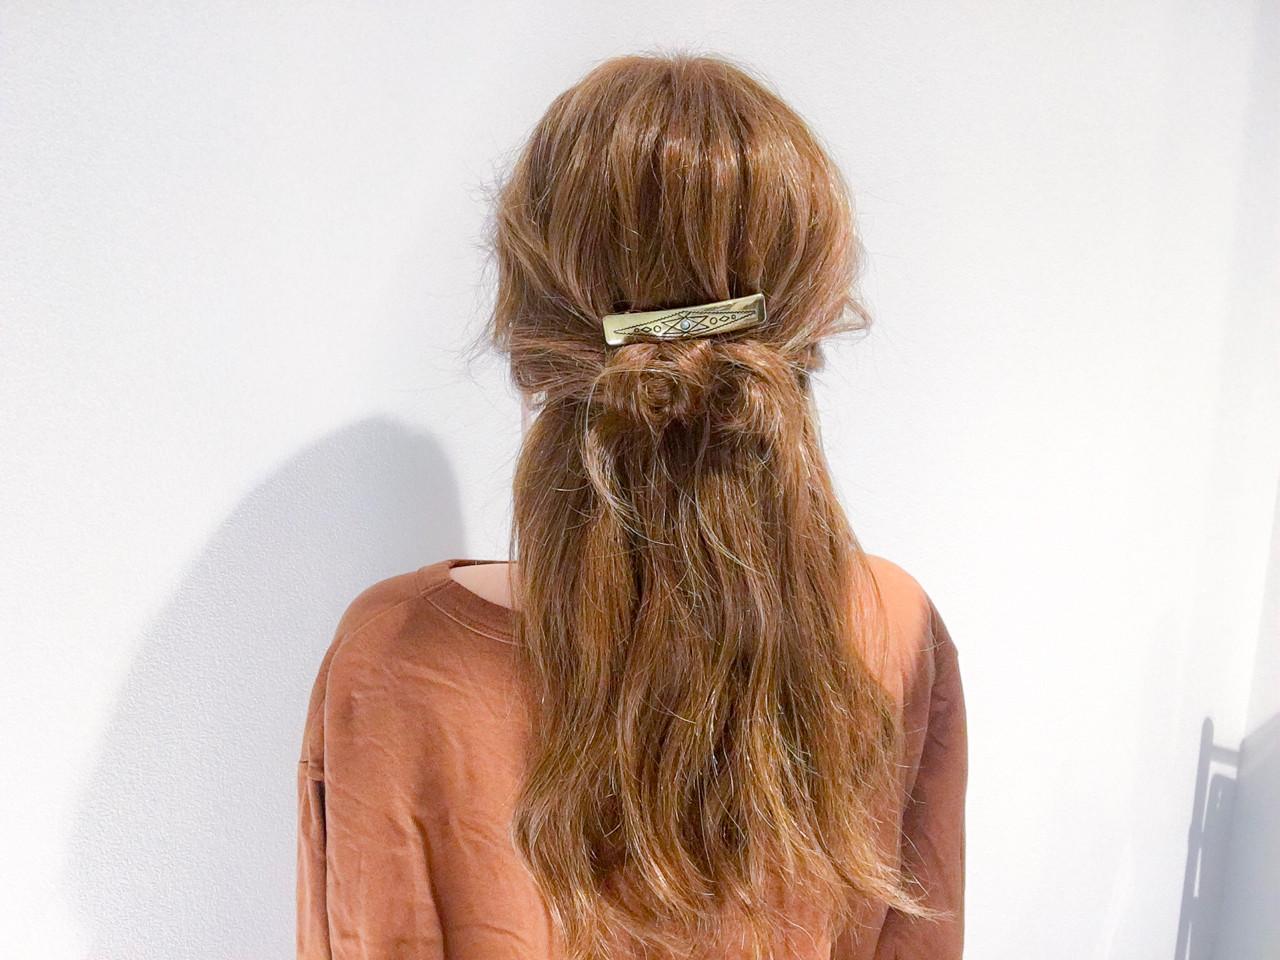 セミロング 簡単ヘアアレンジ アウトドア デート ヘアスタイルや髪型の写真・画像   美容師HIRO/Amoute代表 / Amoute/アムティ